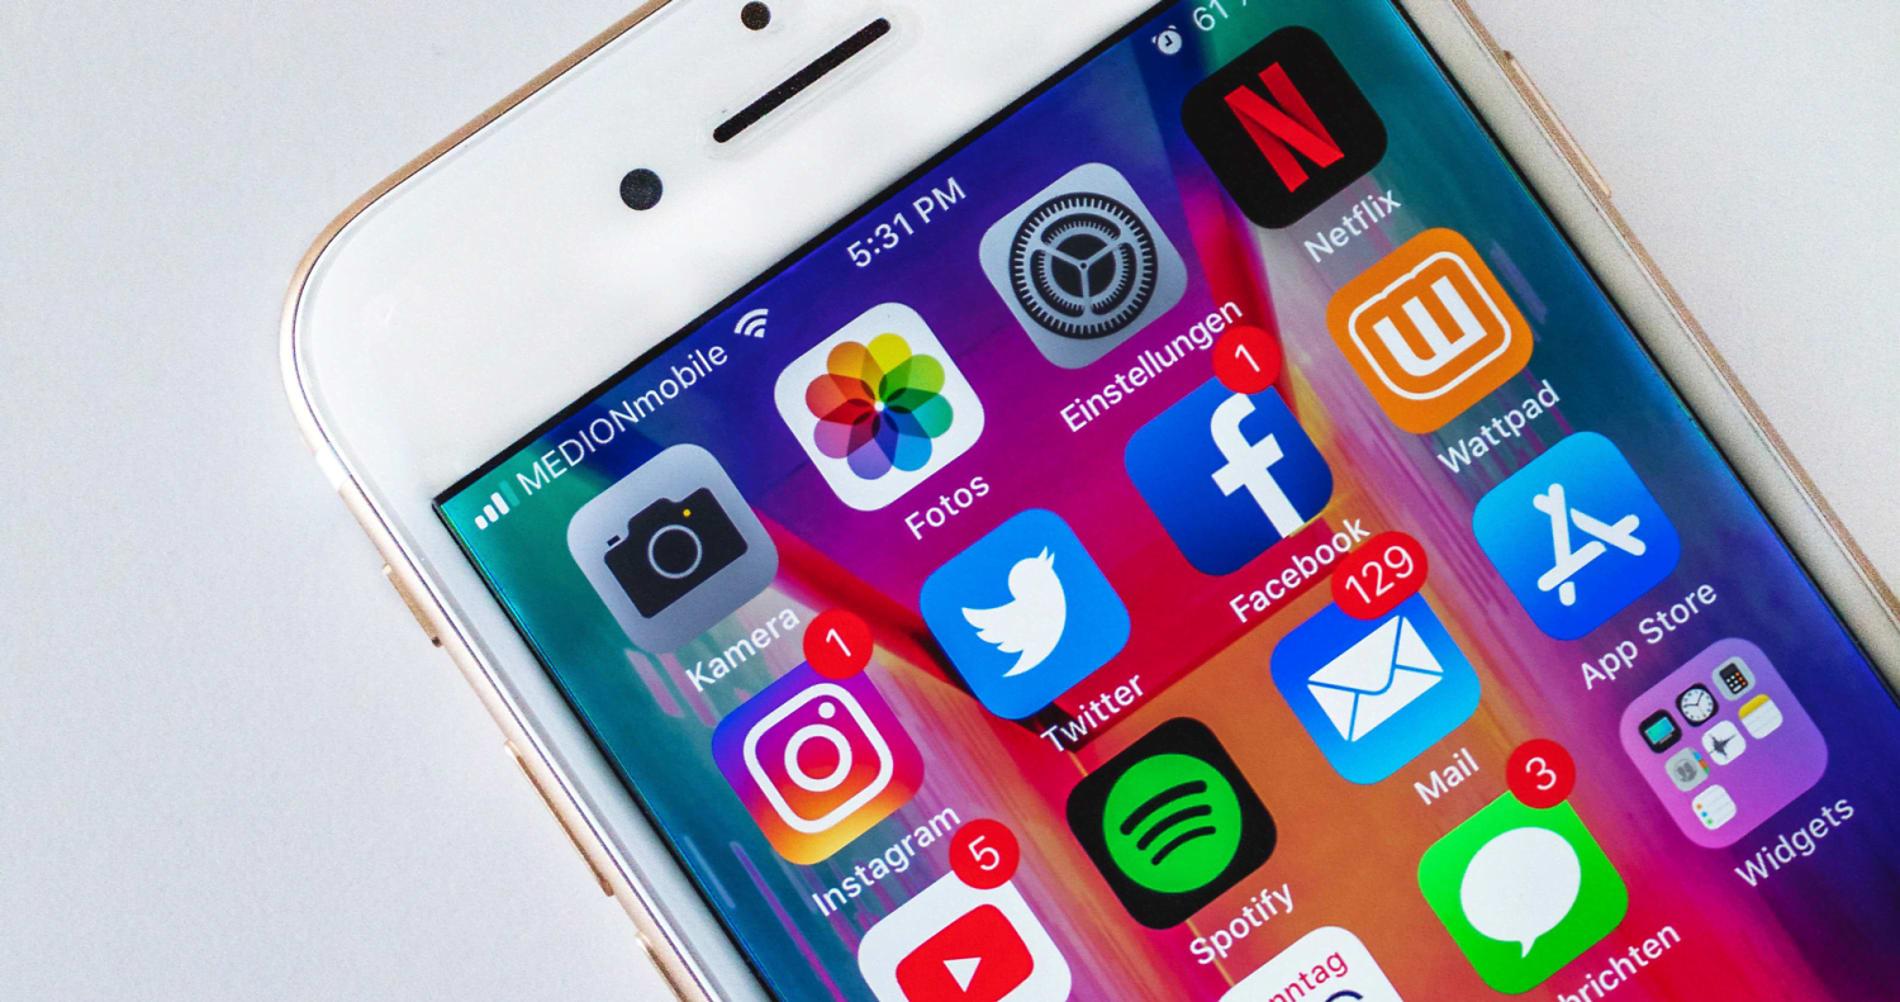 IKKE LETT Å LA VÆRE: Når telefonen er full av røde tegn som viser at du har mye ugjort, kan det bli fristende å gjøre arbeid utenfor arbeidstiden uten å føre timer. Det er skjult arbeid, ifølge advokatfullmektig i Finansforbundet, Marte Sogge Jensen.